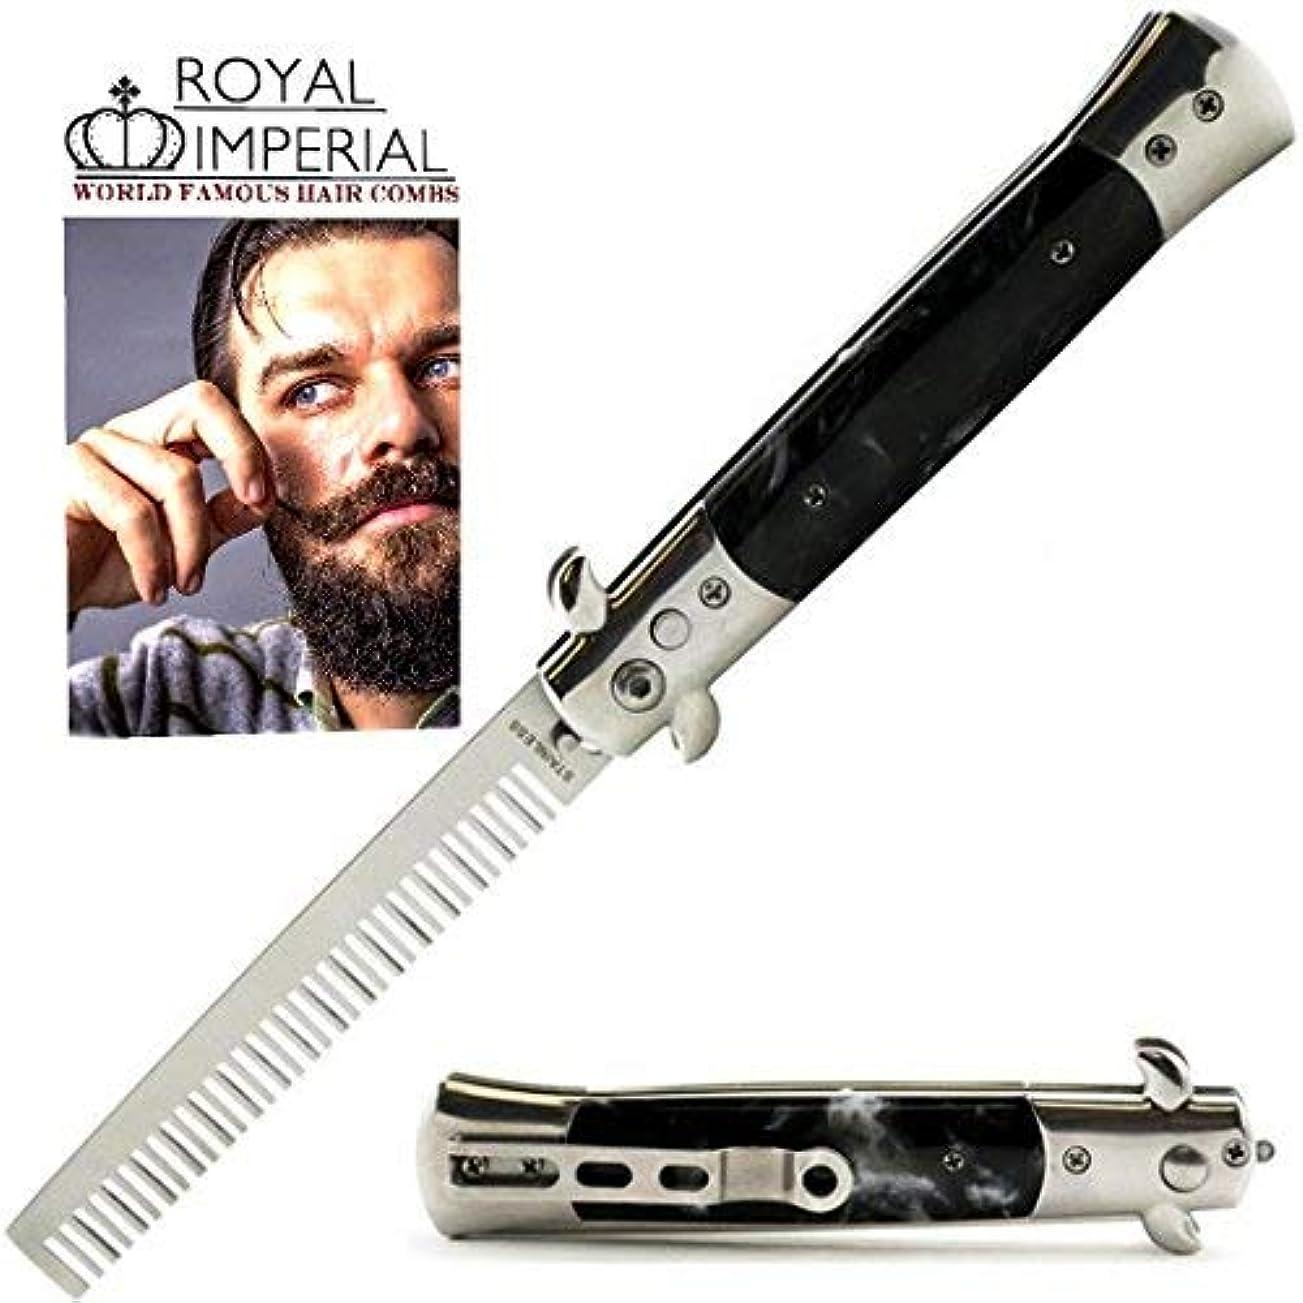 材料黄ばむ原告Royal Imperial Metal Switchblade Pocket Folding Flick Hair Comb For Beard, Mustache, Head Black Pearl Handle ~...